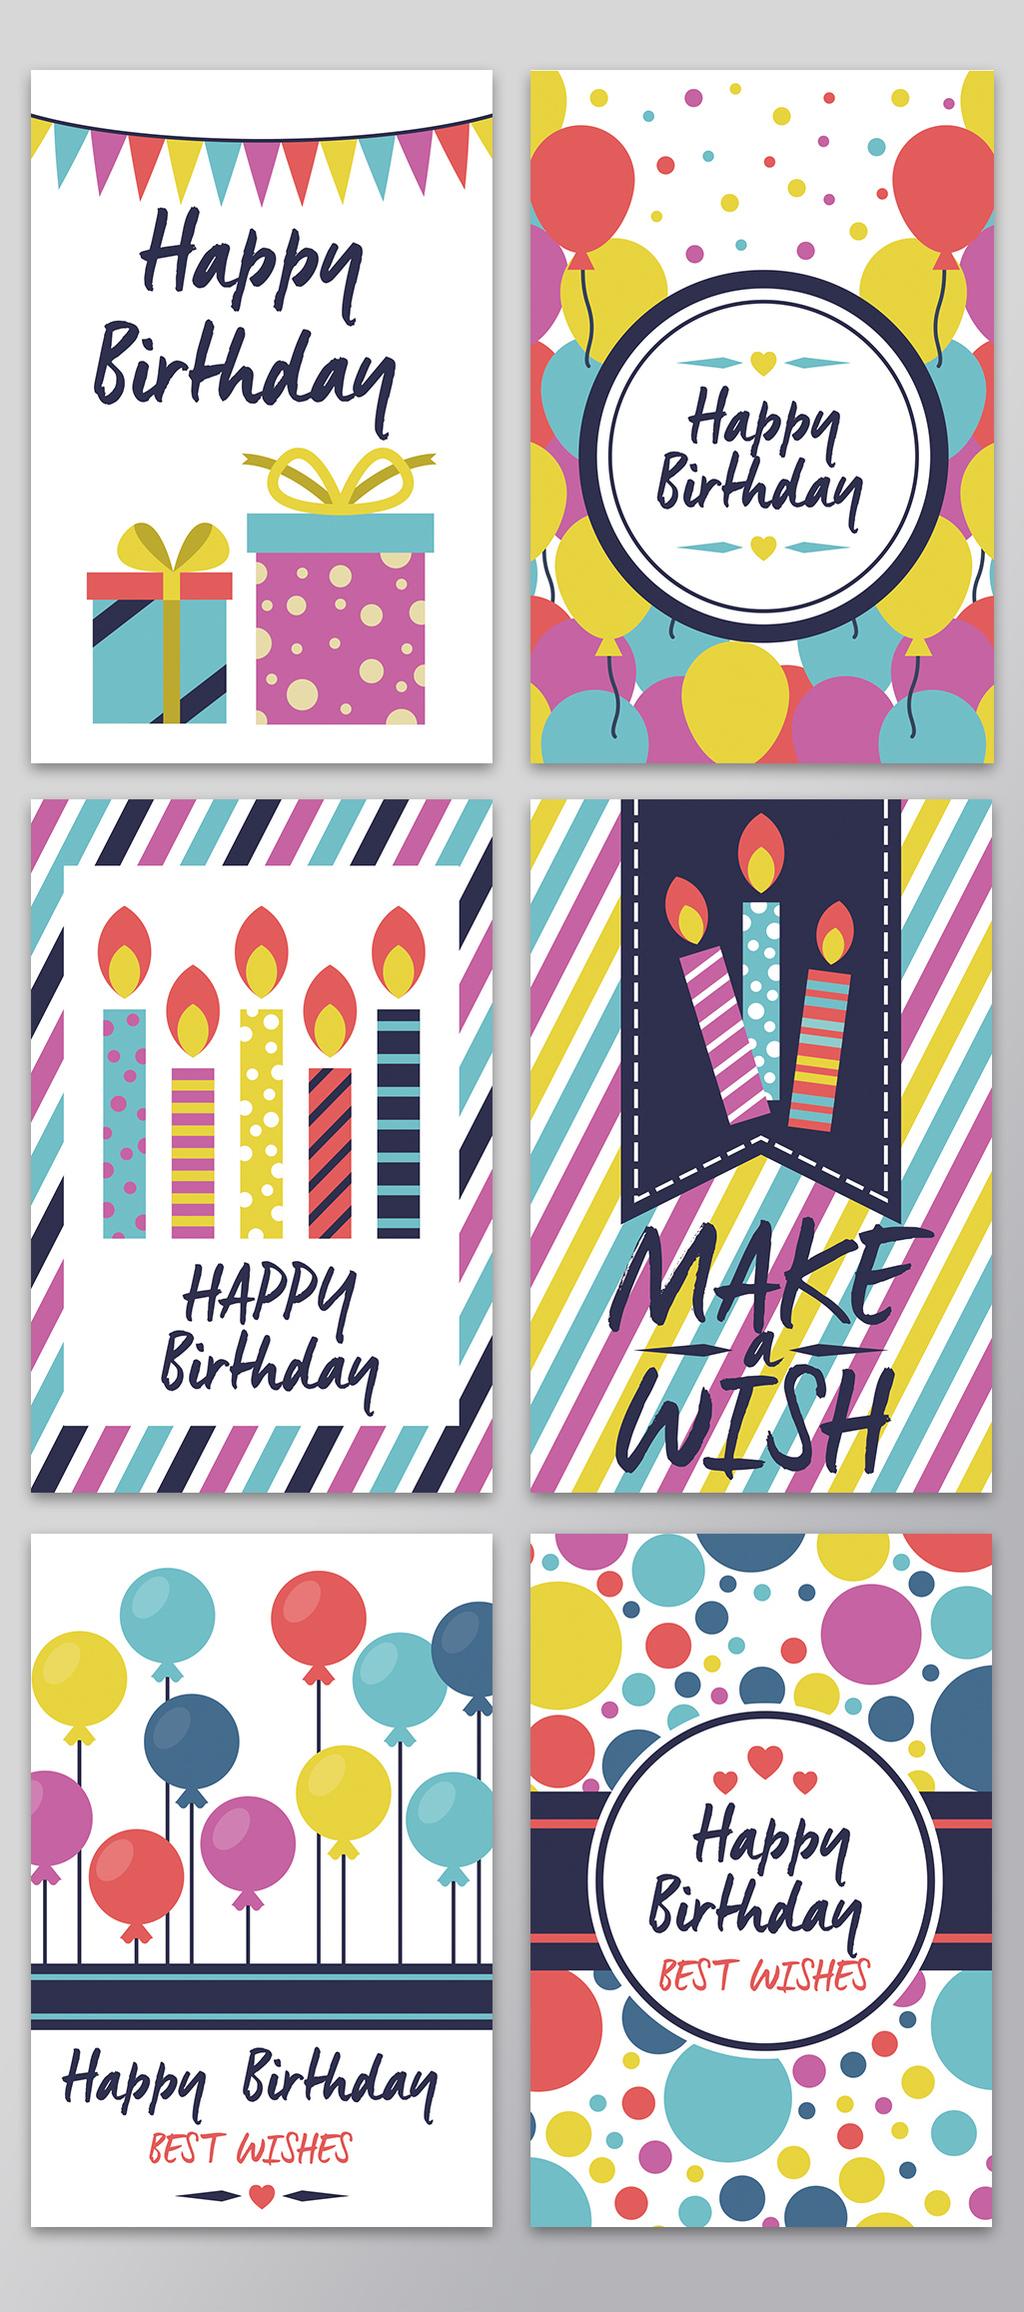 简约时尚卡通生日礼物生日快乐设计